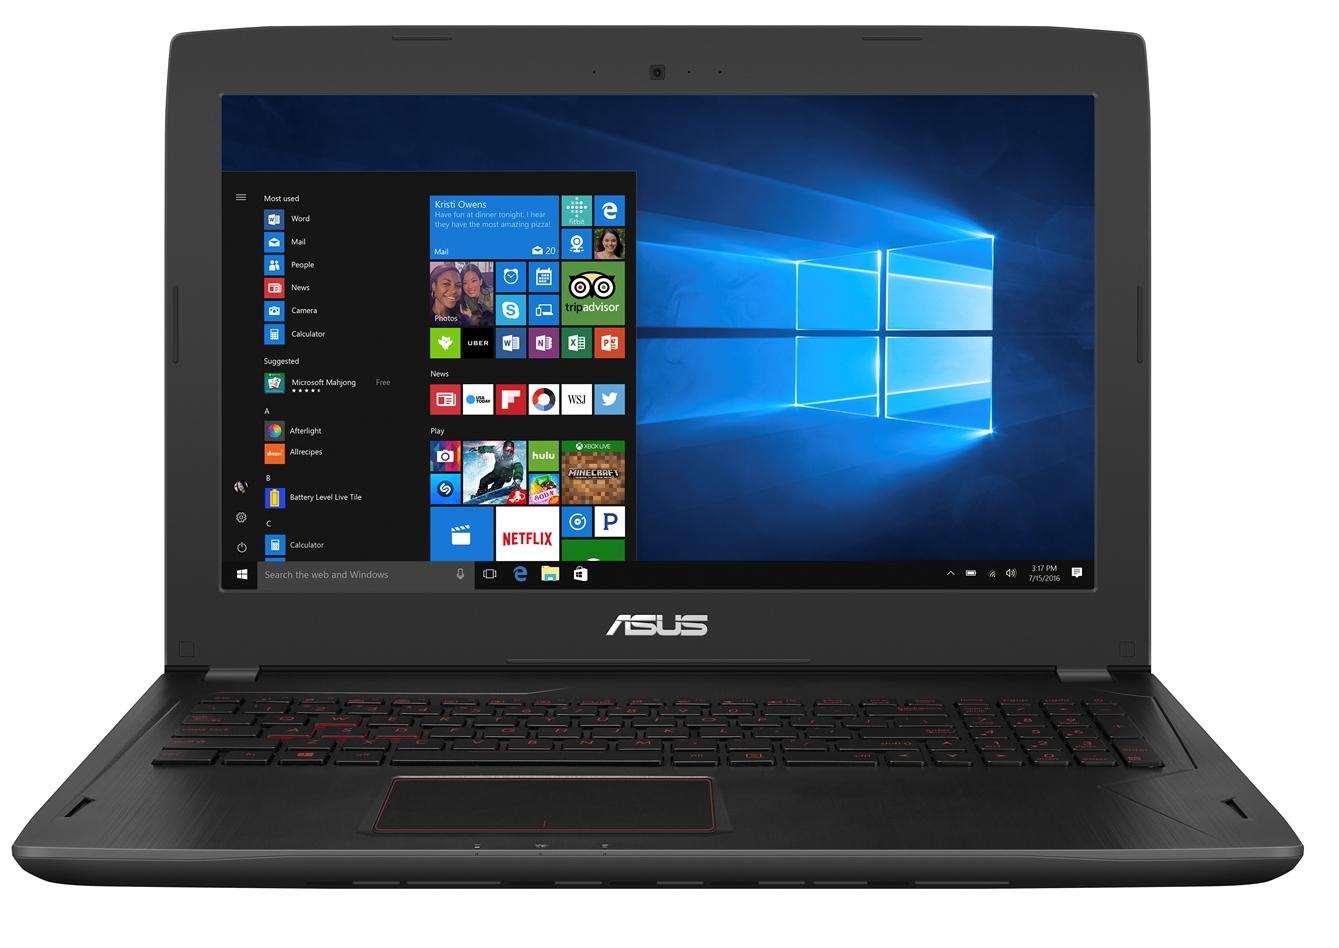 """ASUS FX502VE-FY057T i5-7300HQ/8GB/1TB 7200 ot./GeForce GTX 1050 Ti/15,6"""" FHD IPS matný/BT/W10 Home/Black"""